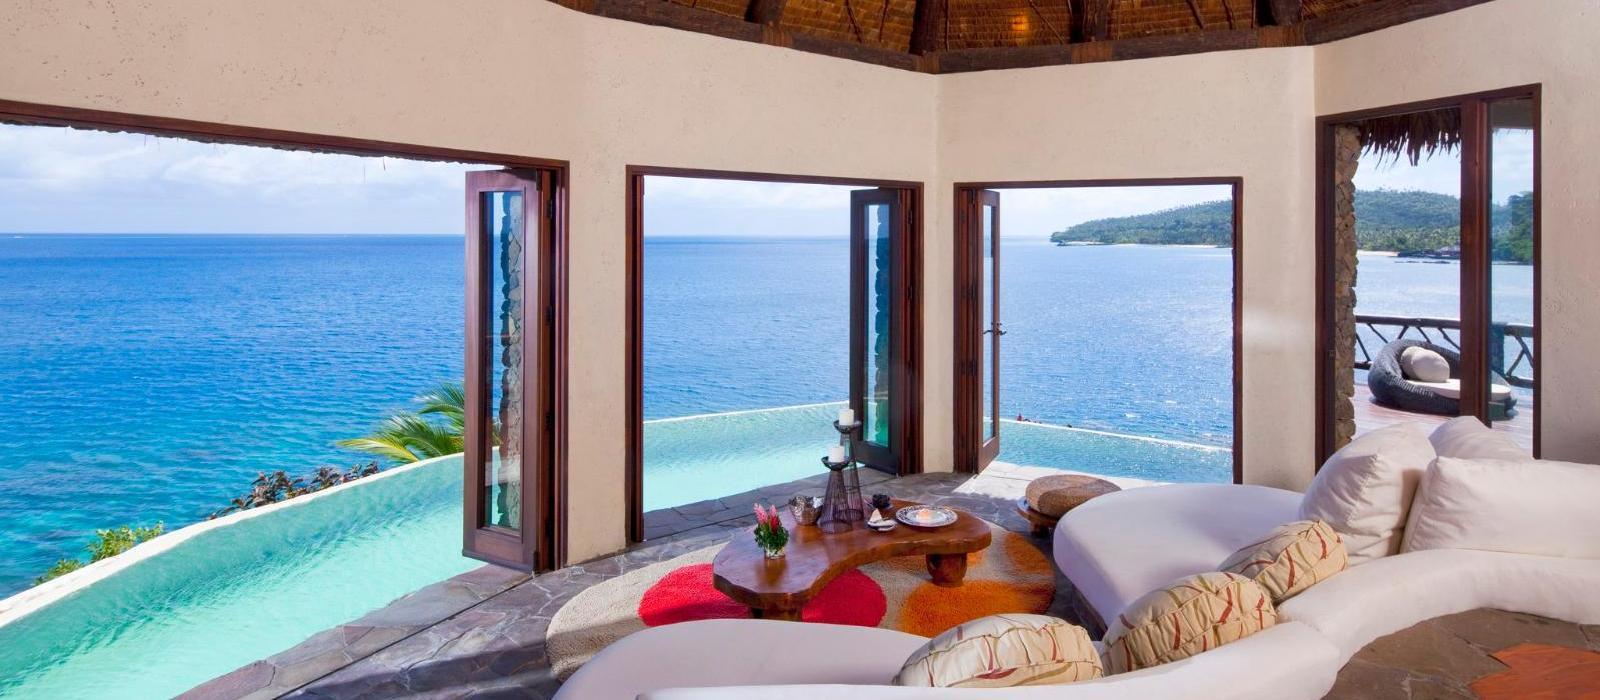 劳萨拉岛豪华度假酒店(Laucala Island) 图片  www.lhw.cn